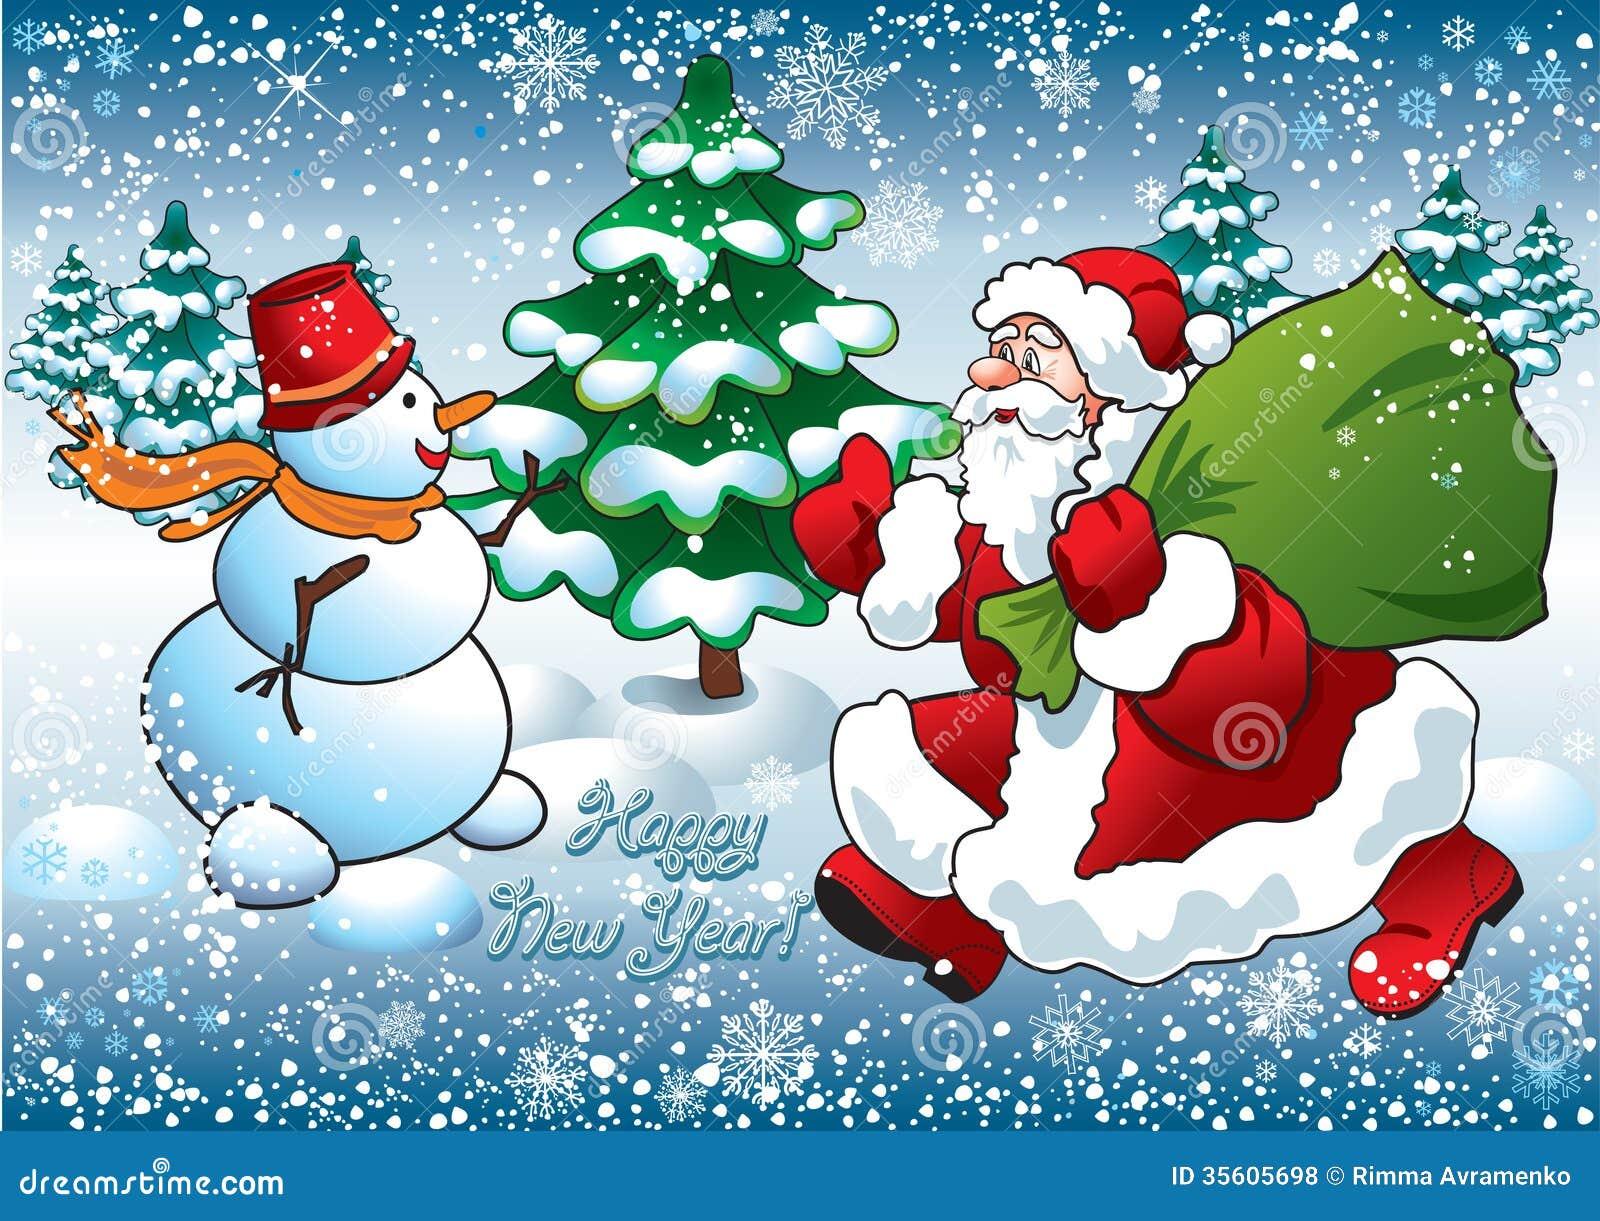 santa and snowman - Snowman Santa